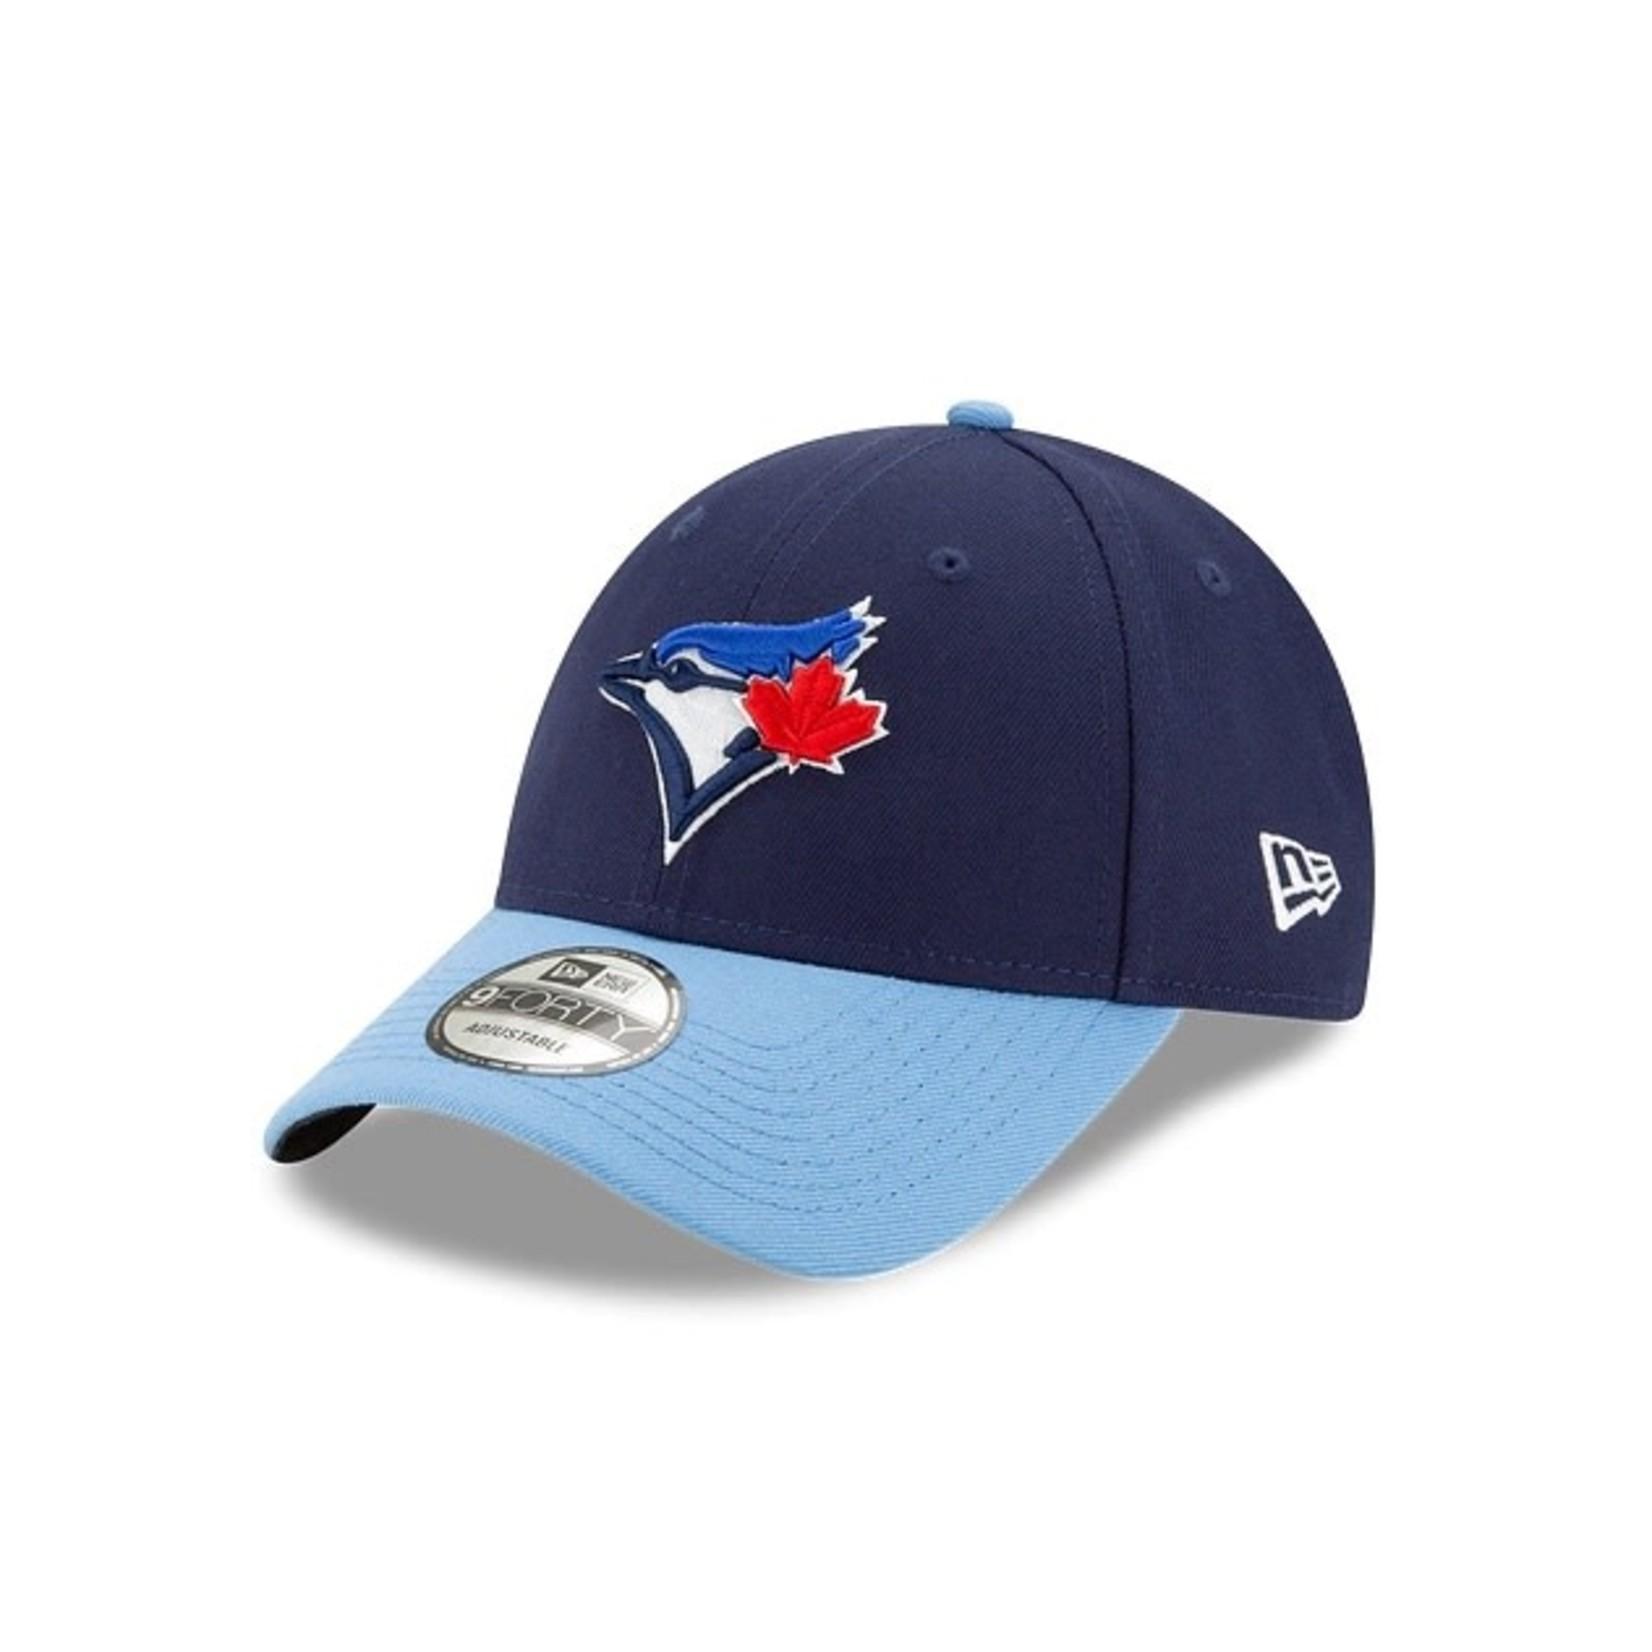 New Era New Era Hat, The League 940, MLB, Toronto Blue Jays Alt4, OS